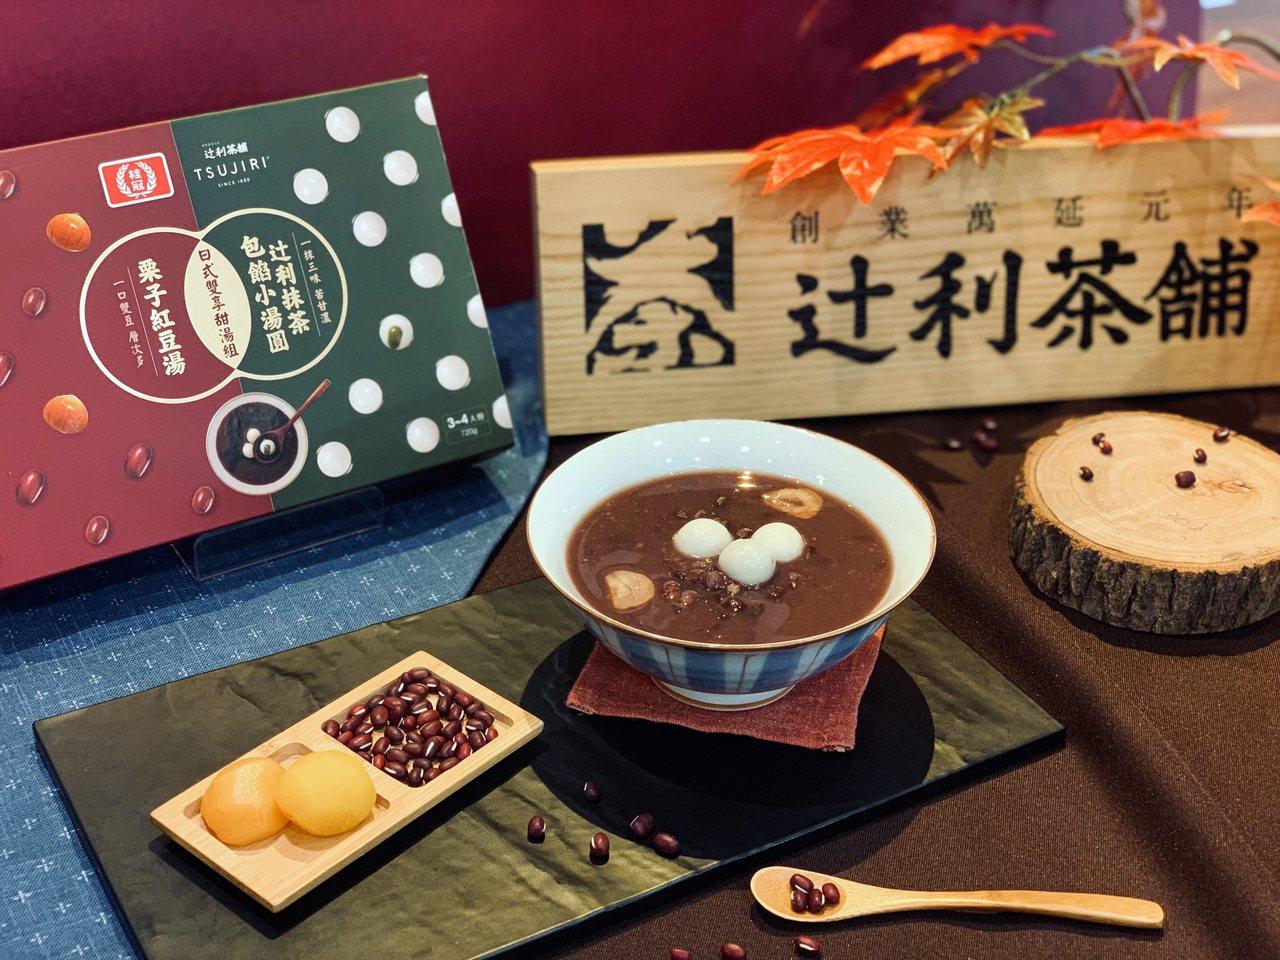 桂冠湯圓與辻利抹茶再度聯手,推出全新抹茶包餡小湯圓。記者張芳瑜/攝影